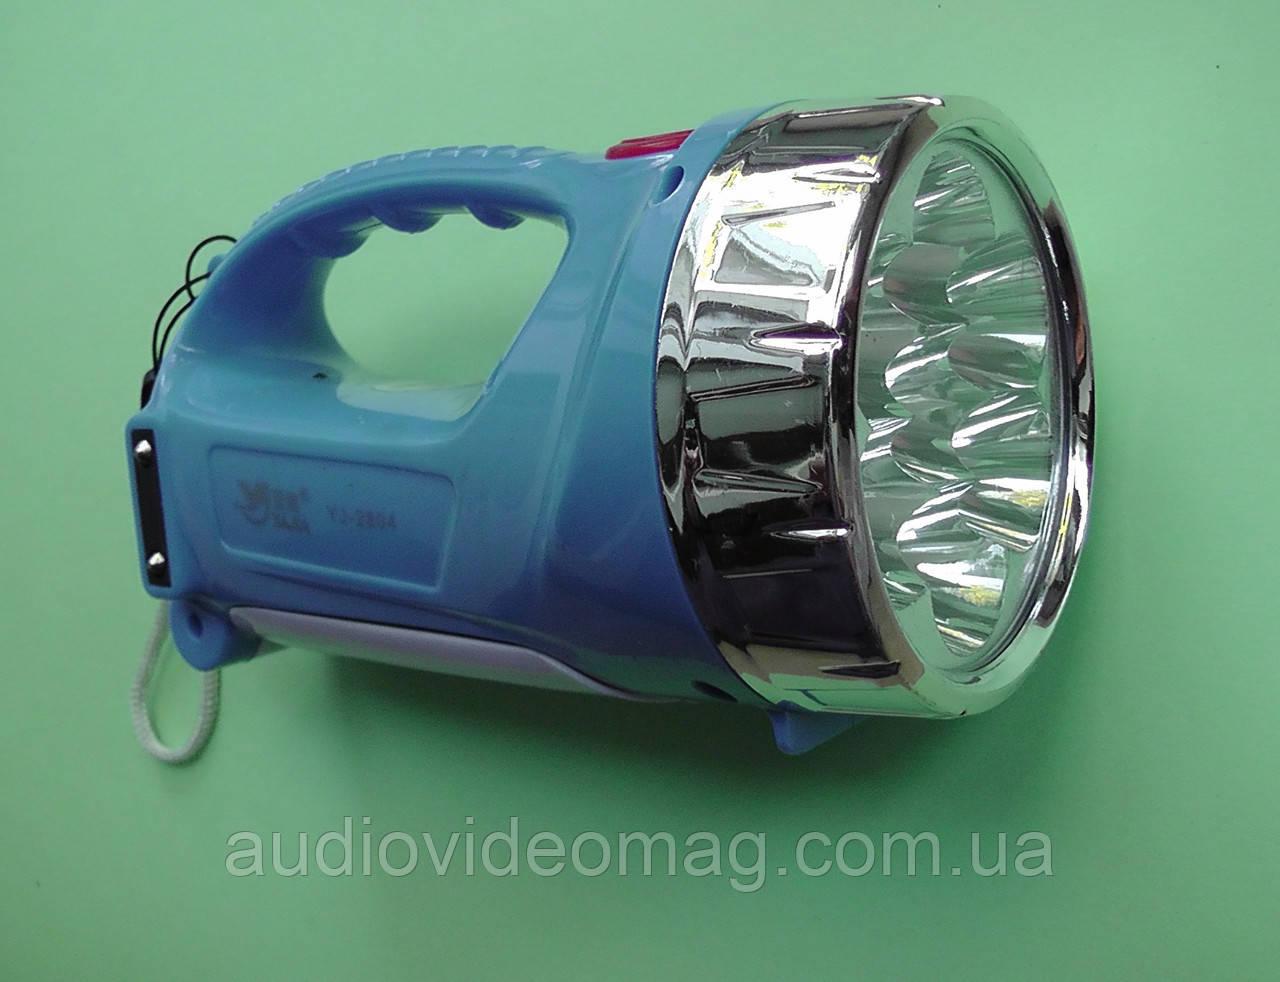 Ліхтар-світильник світлодіодний акумуляторний 2804